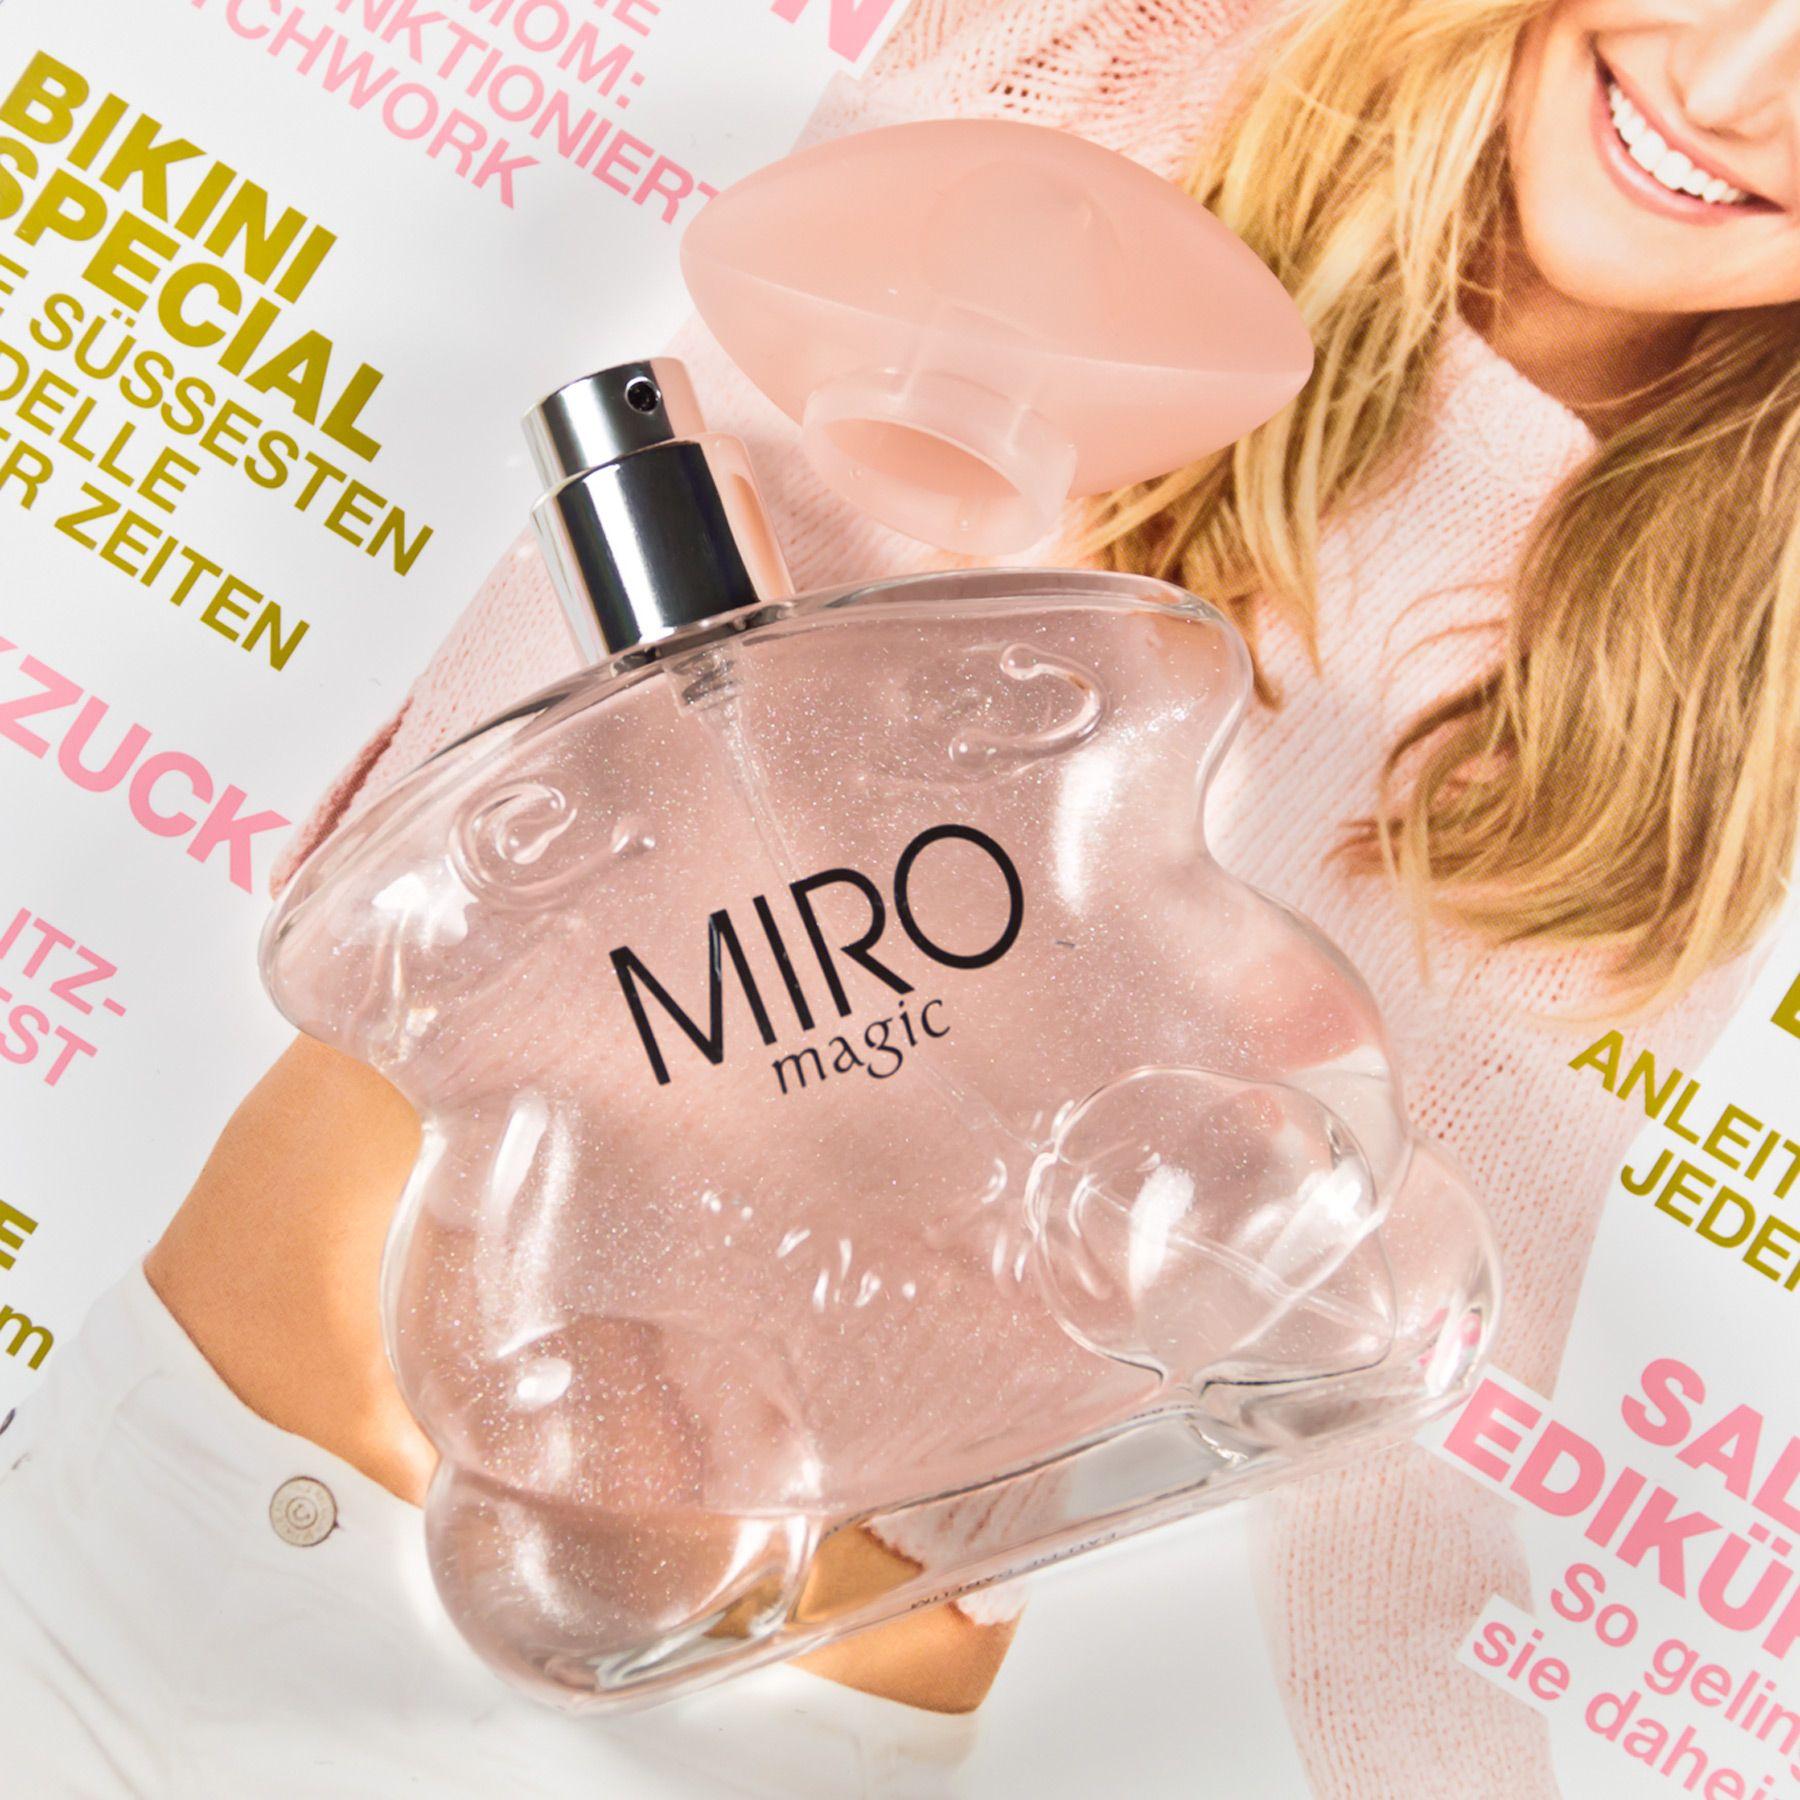 miro magic eau de parfum beauty pinterest parf m chanel und duft. Black Bedroom Furniture Sets. Home Design Ideas